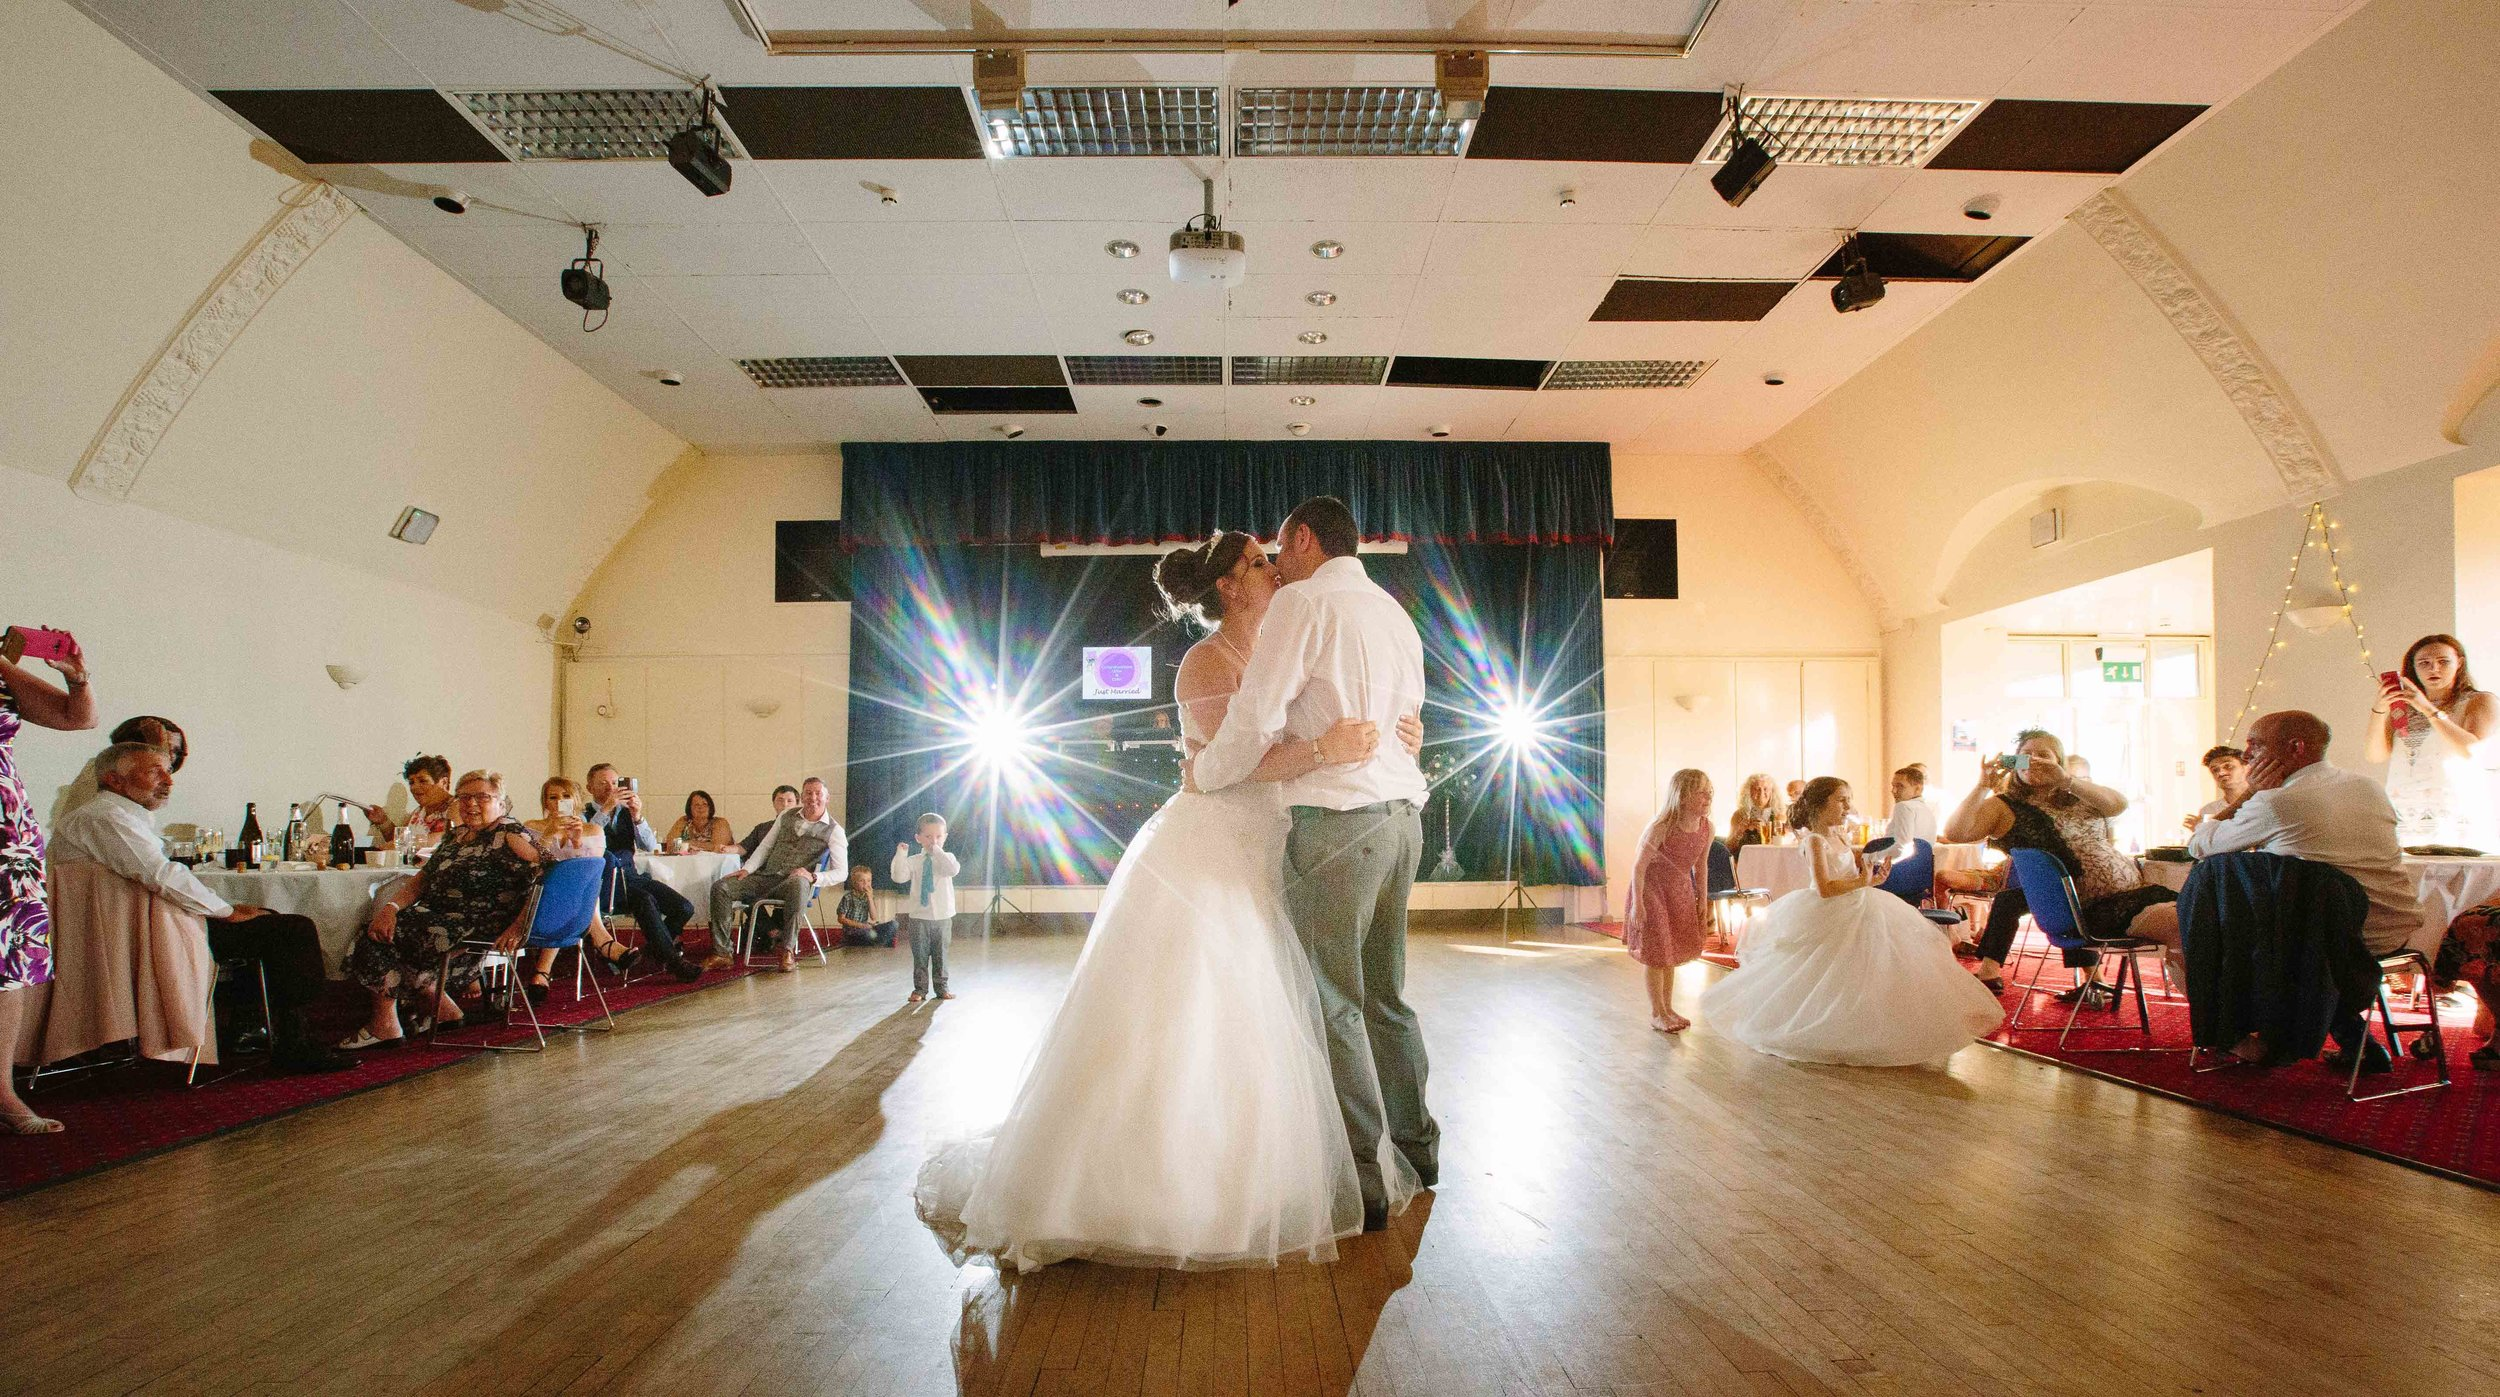 HamptonCourt-Wedding-Weybridge-Surrey-London-OatlandsParkHotel-43